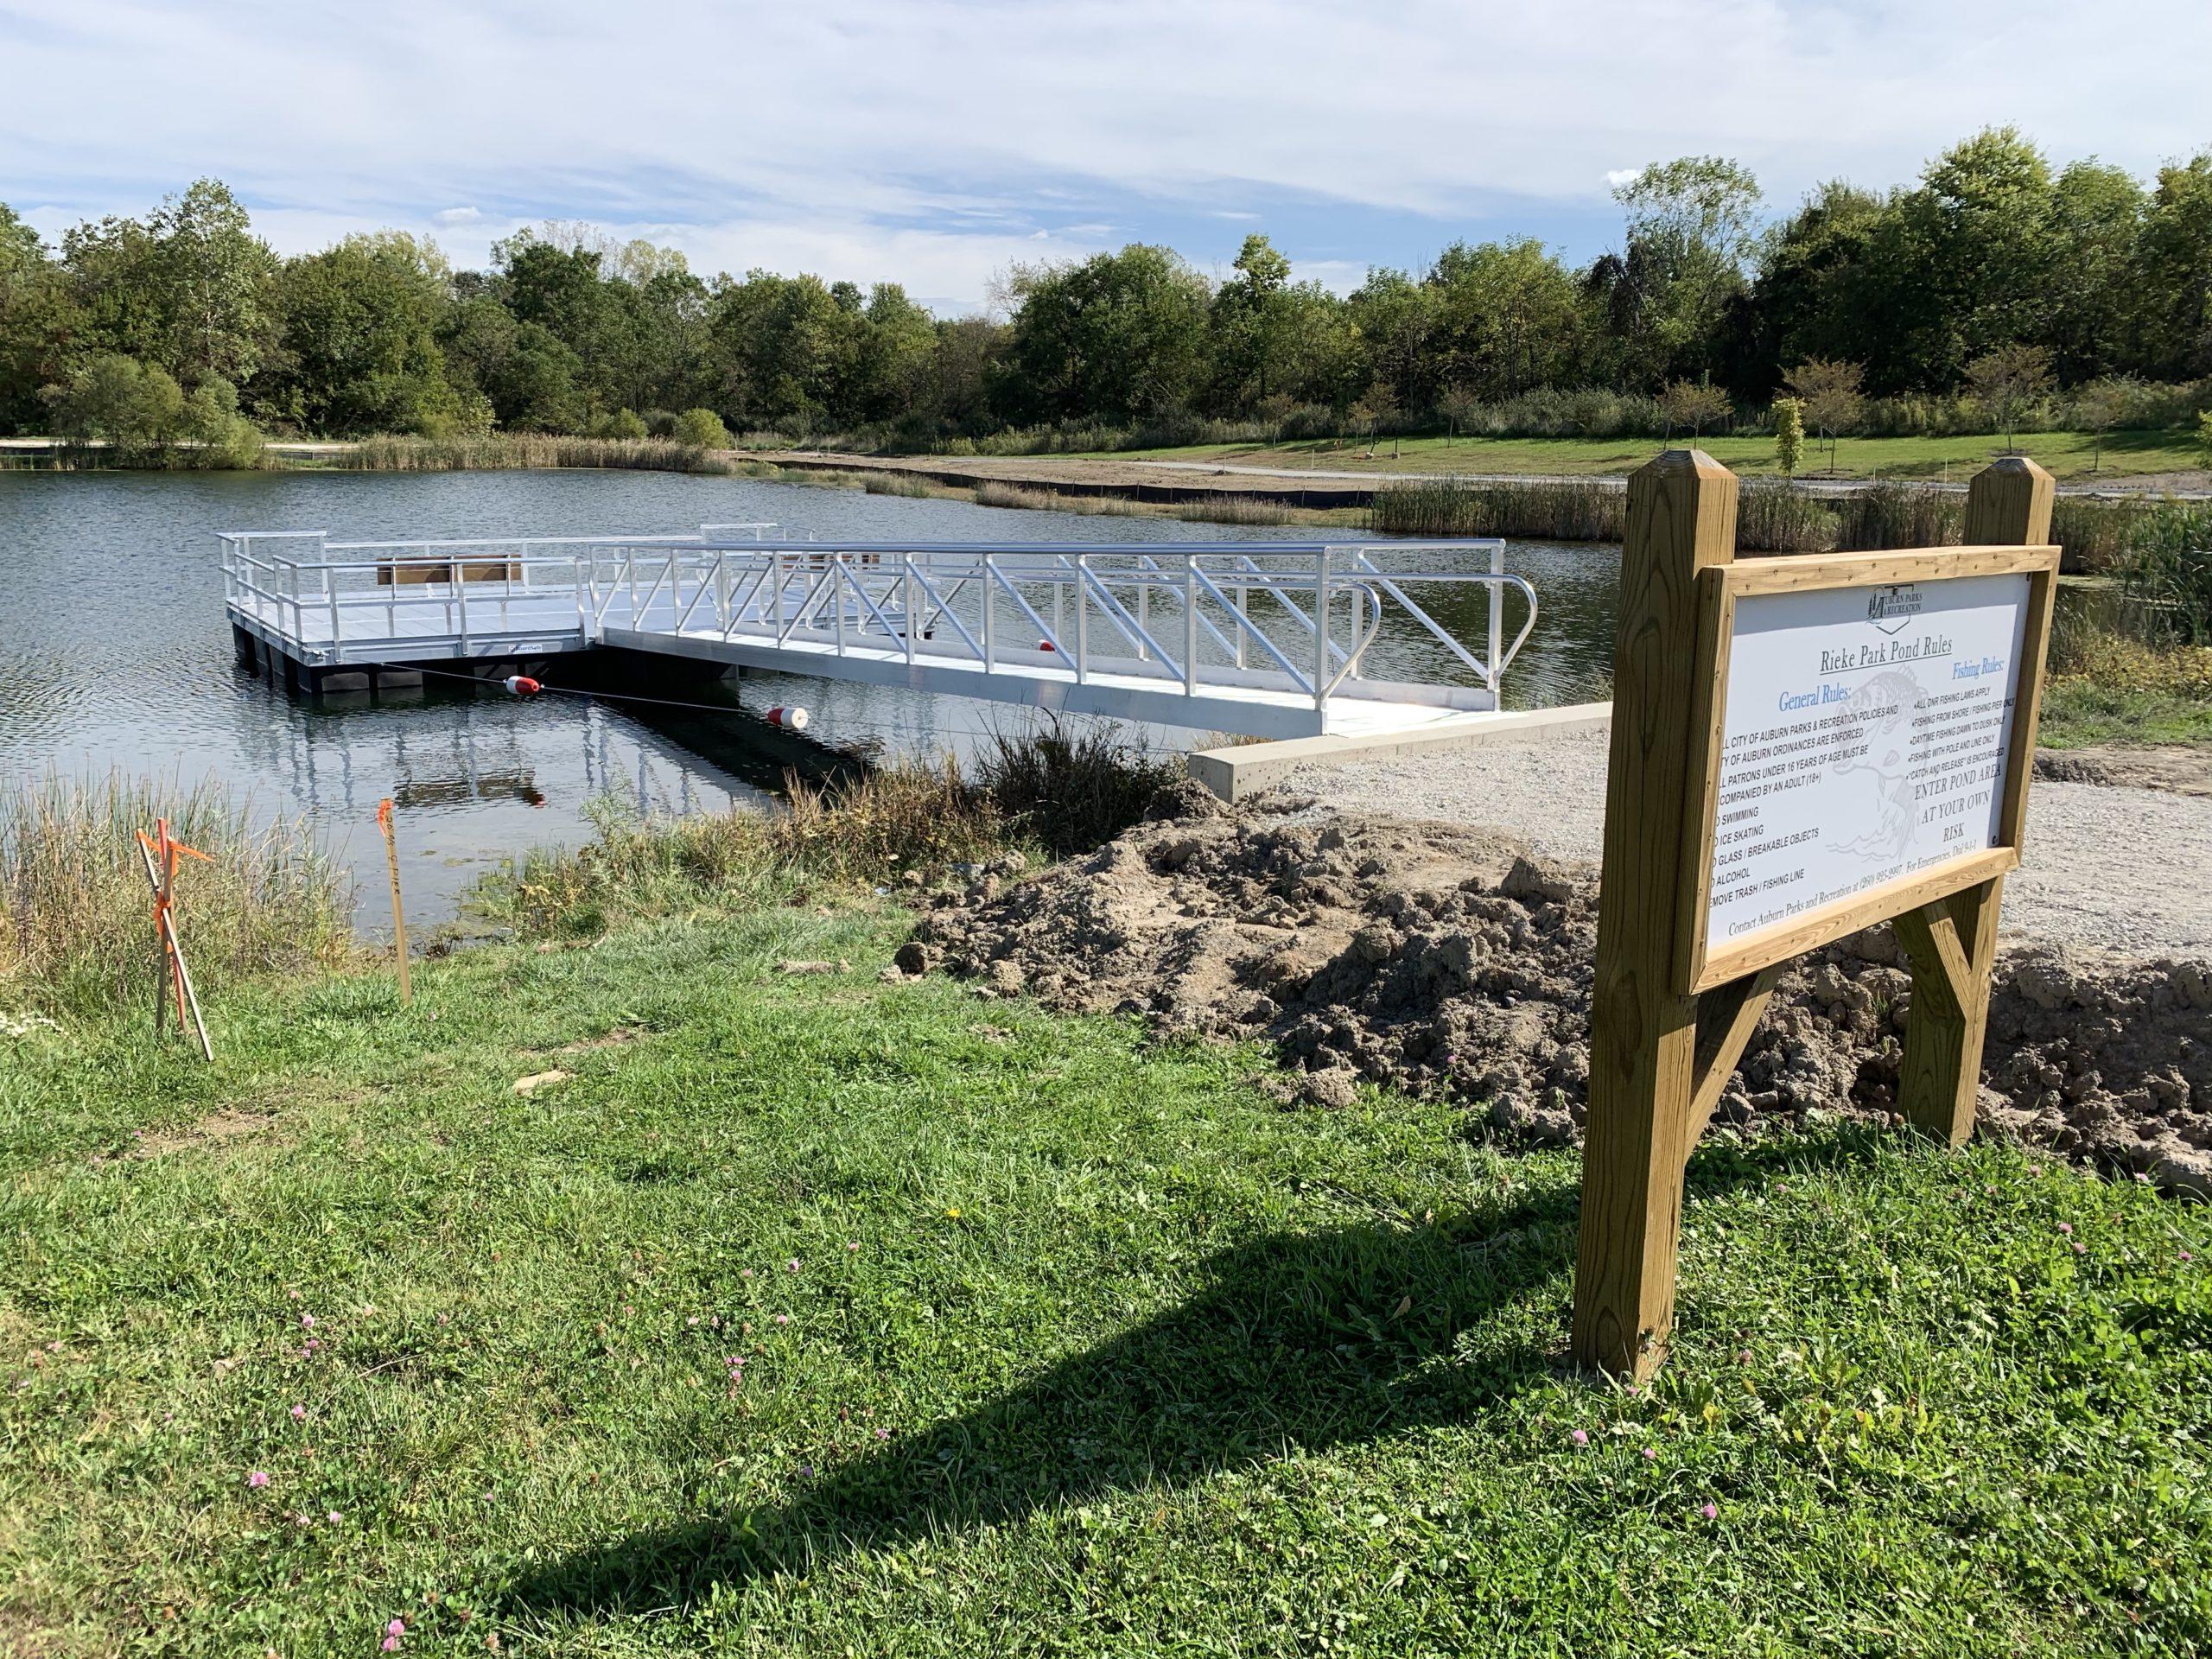 New Fishing Pier in Rieke Park, Auburn, IN